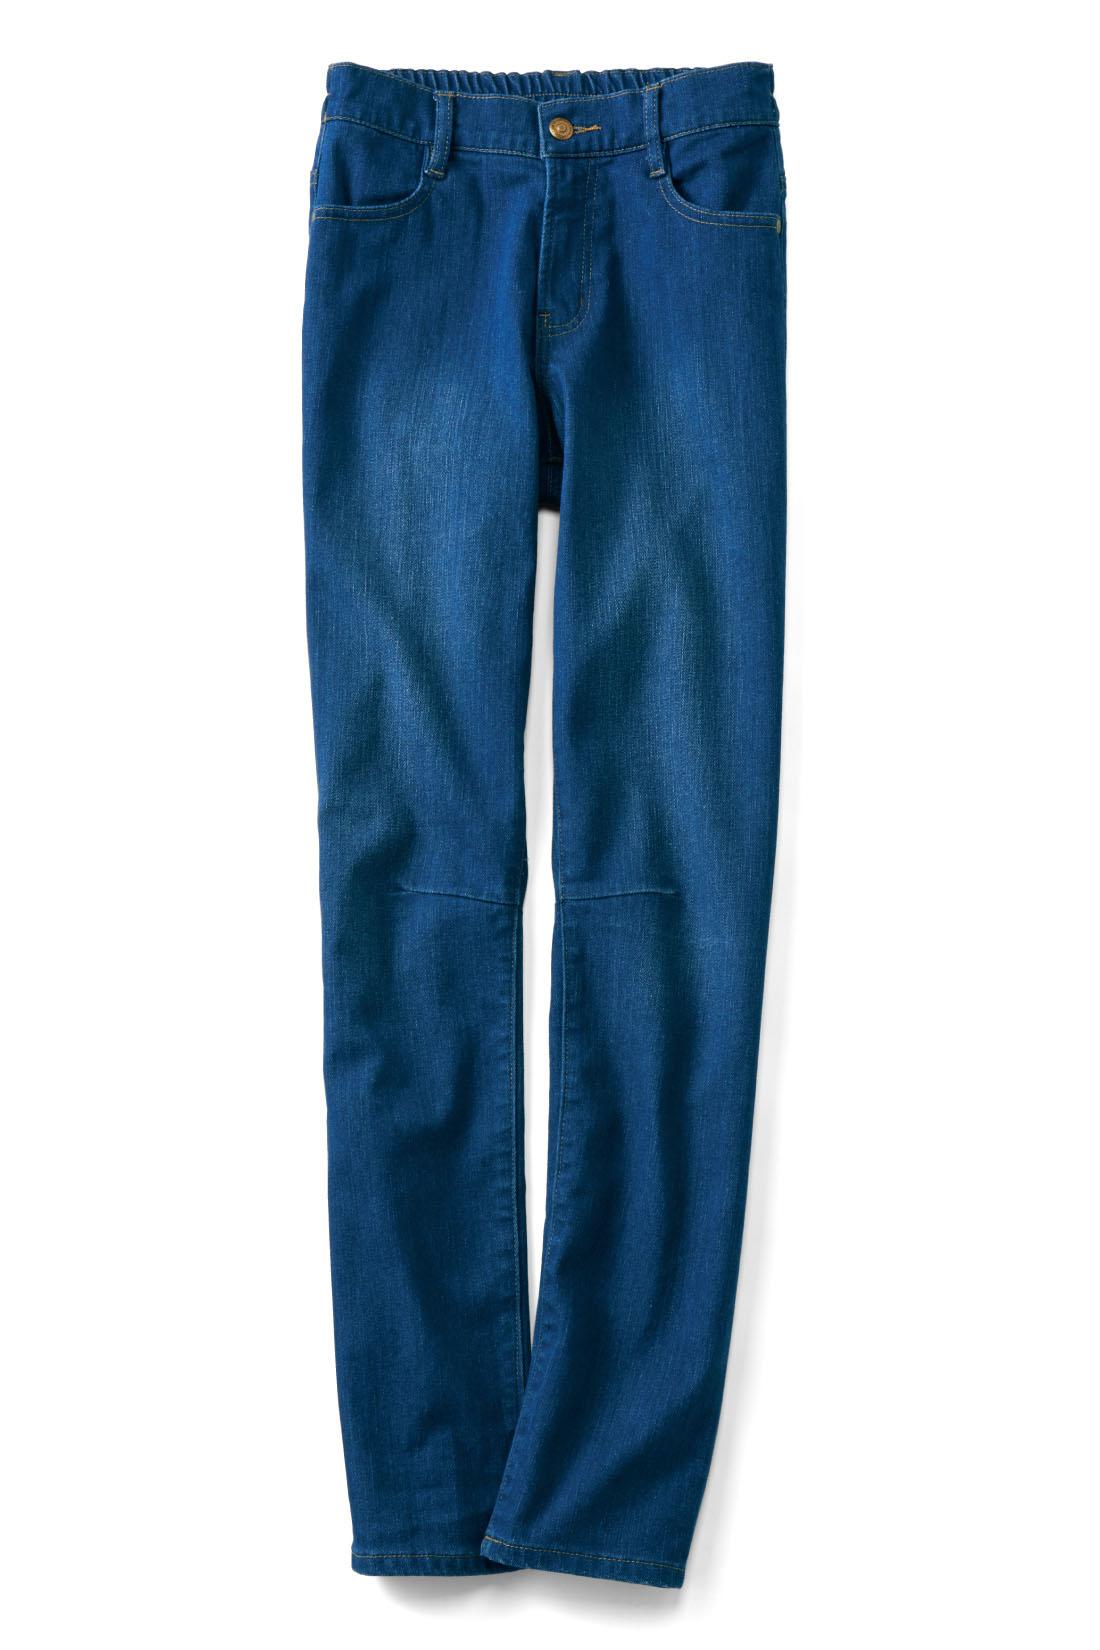 着まわしやすい【ブルー】 ひざのダーツの立体感で、すっきり見え度をアップ。動きやすさも抜群。